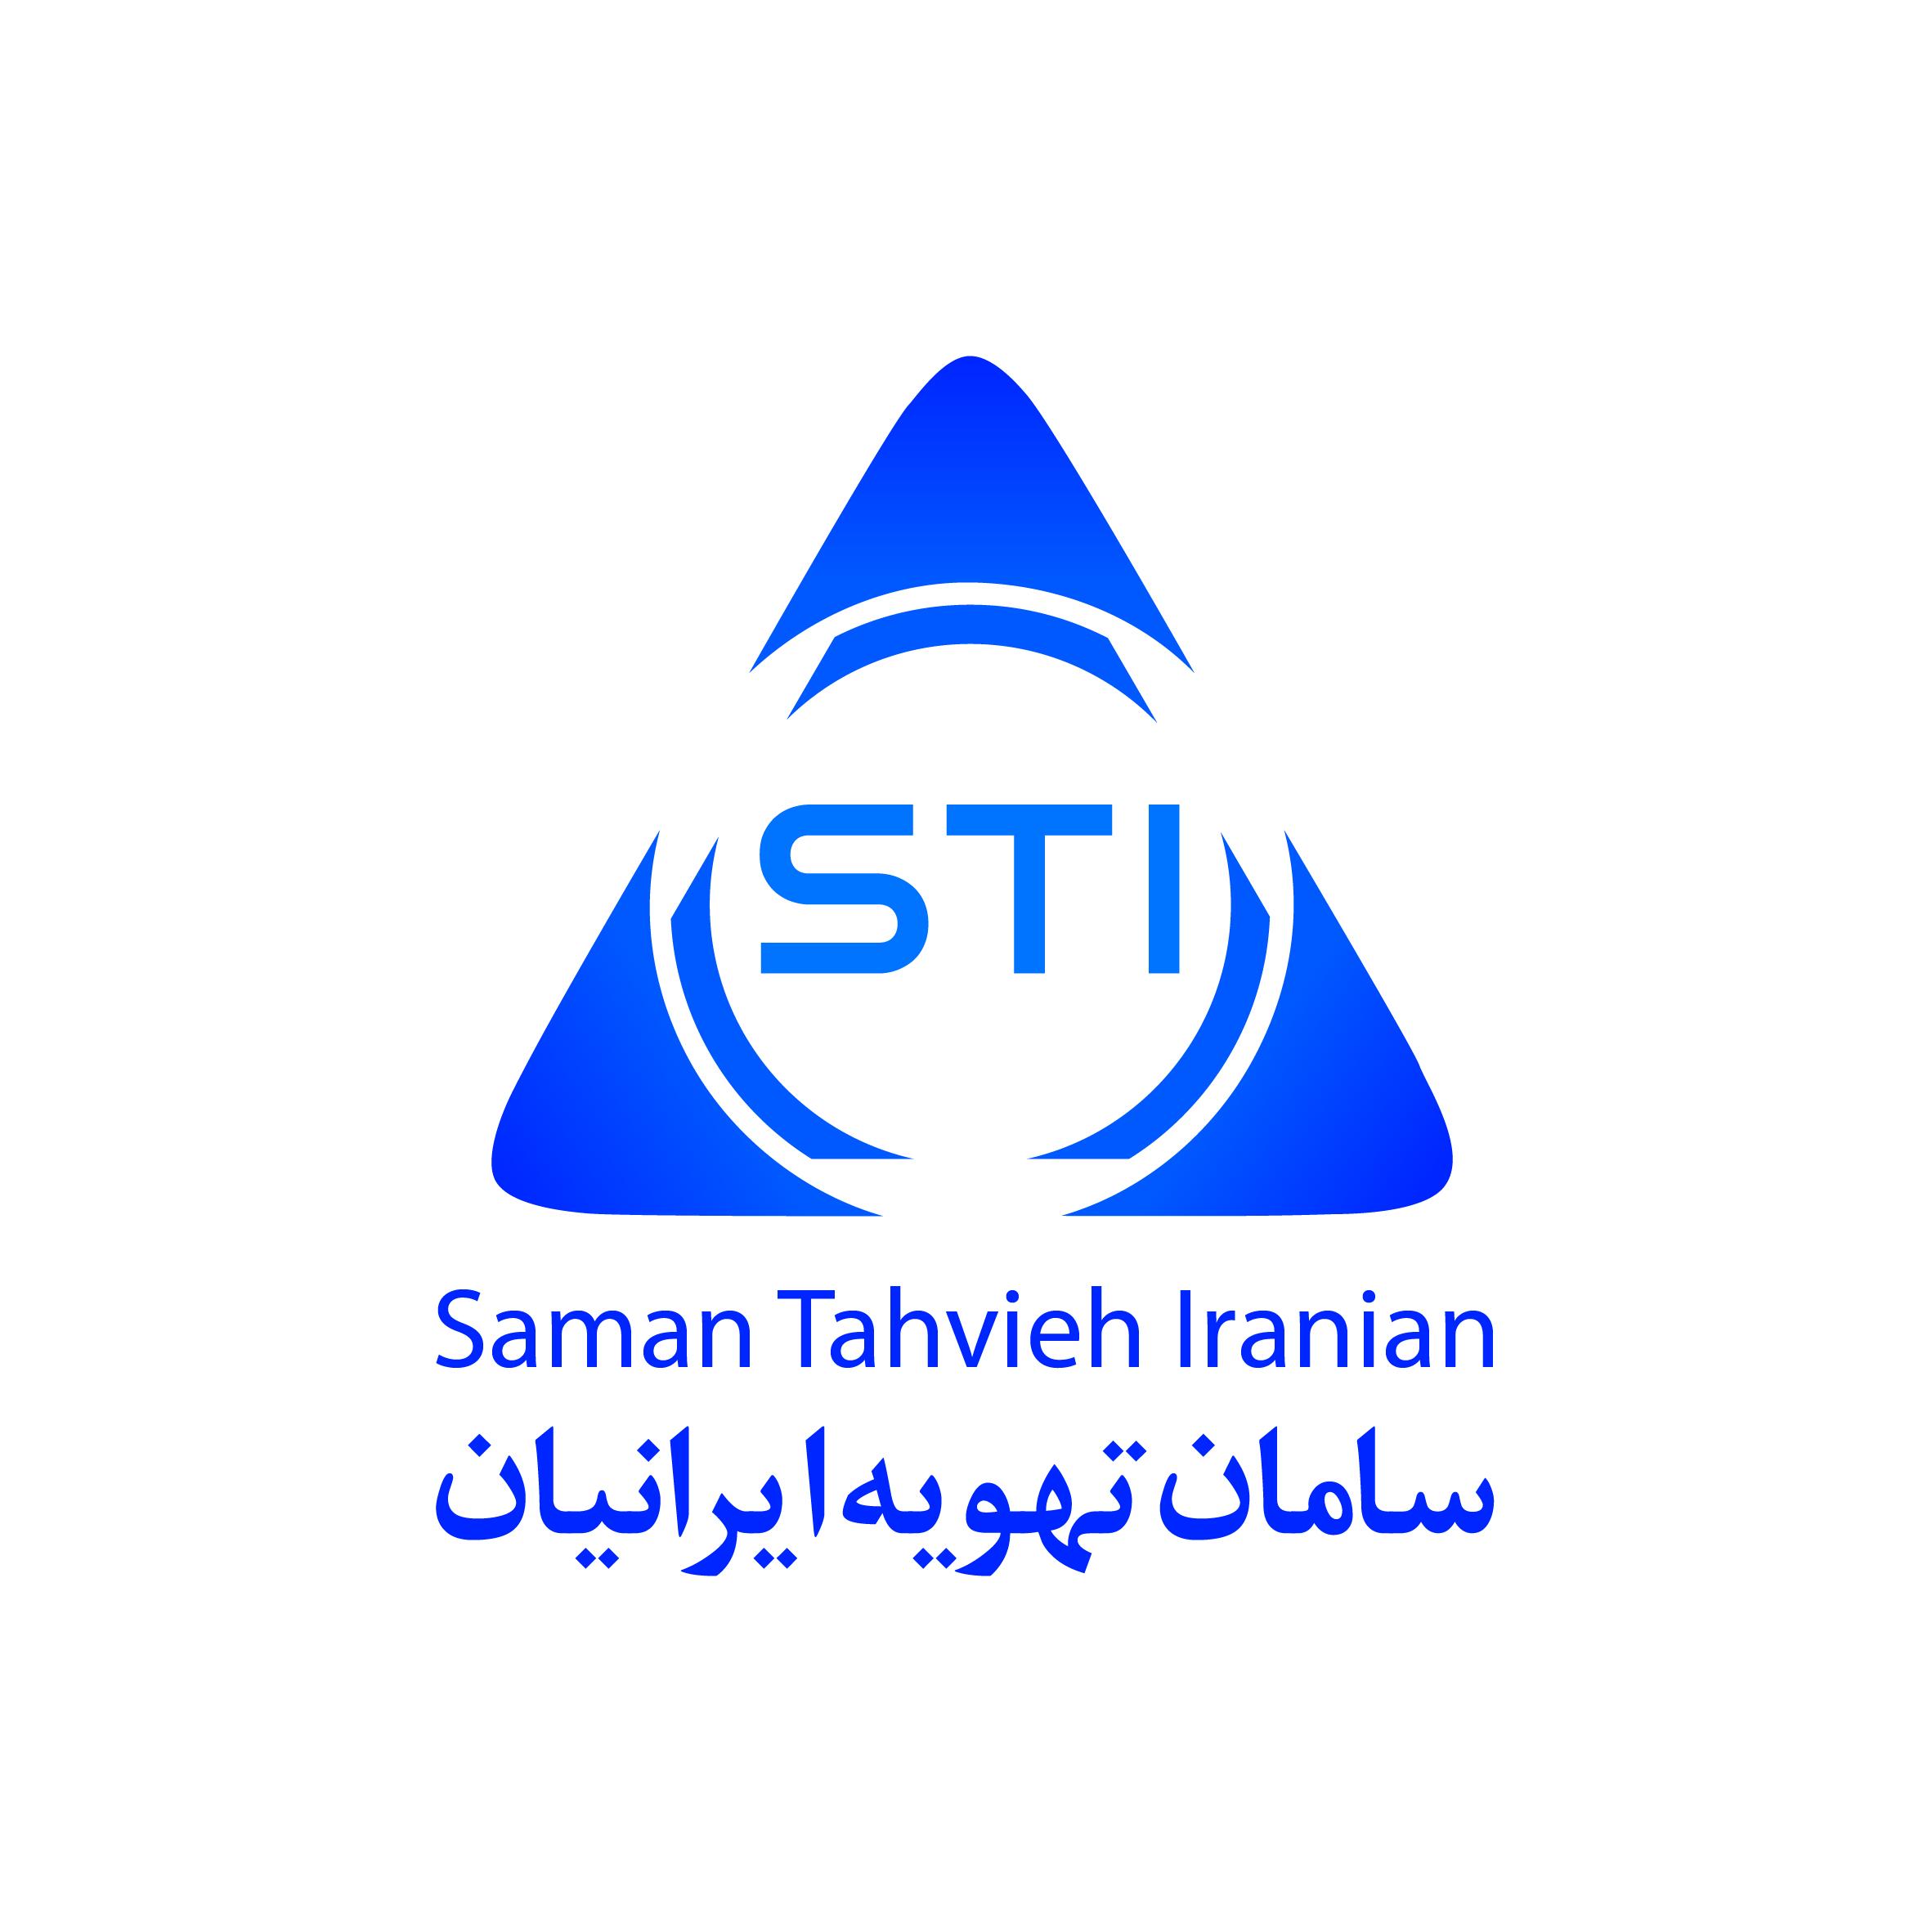 شرکت سامان تهویه ایرانیان، تولیدکننده کانال های گالوانیزه و فلکسیبل و عایق های الاستومتری و صوتی